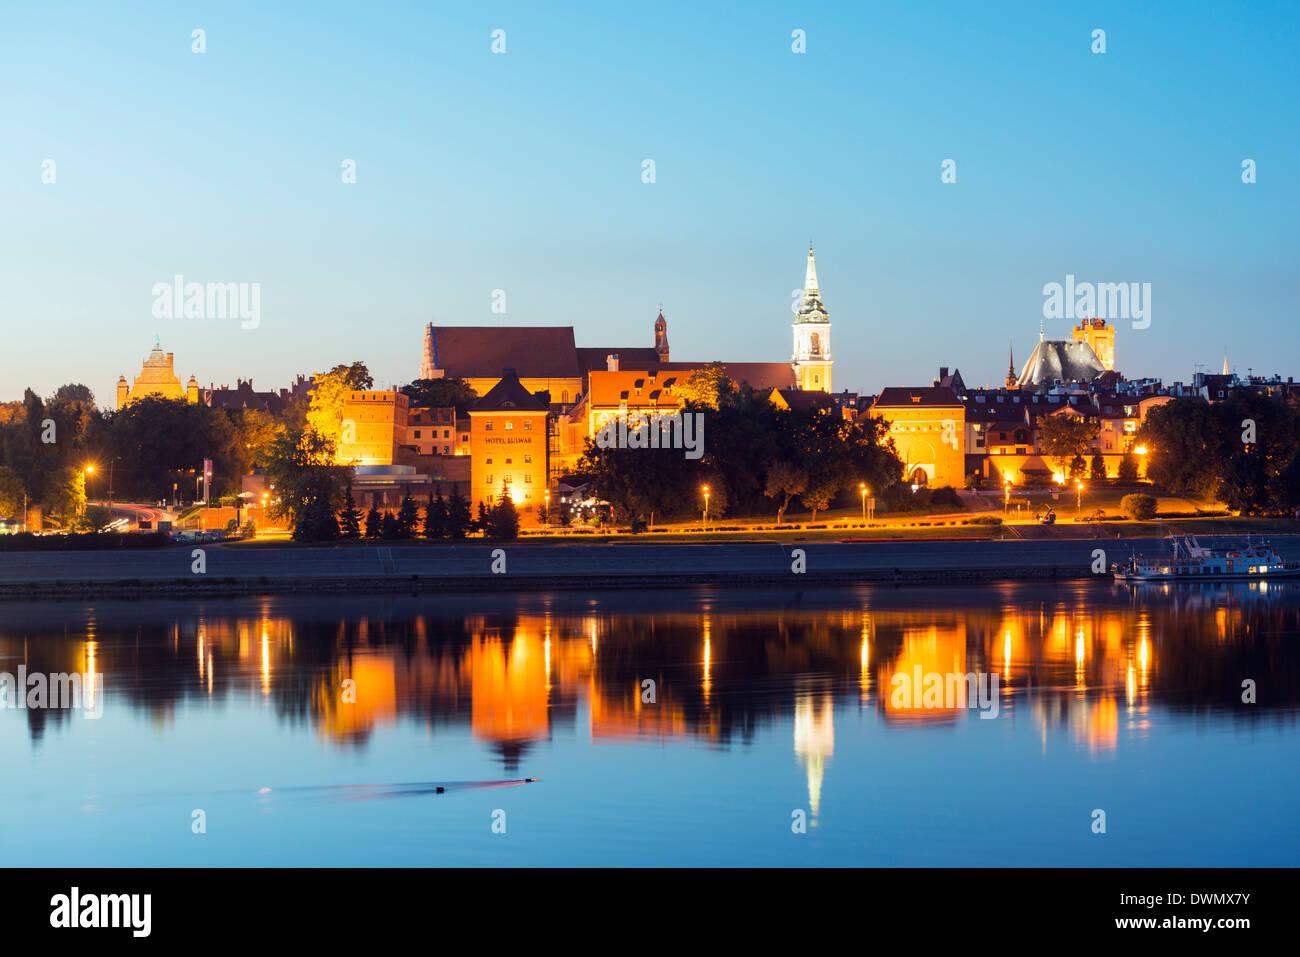 Europa, Polonia, Gdansk e Pomerania, Torun, Unesco Città Vecchia medievale, fiume Vistola Immagini Stock